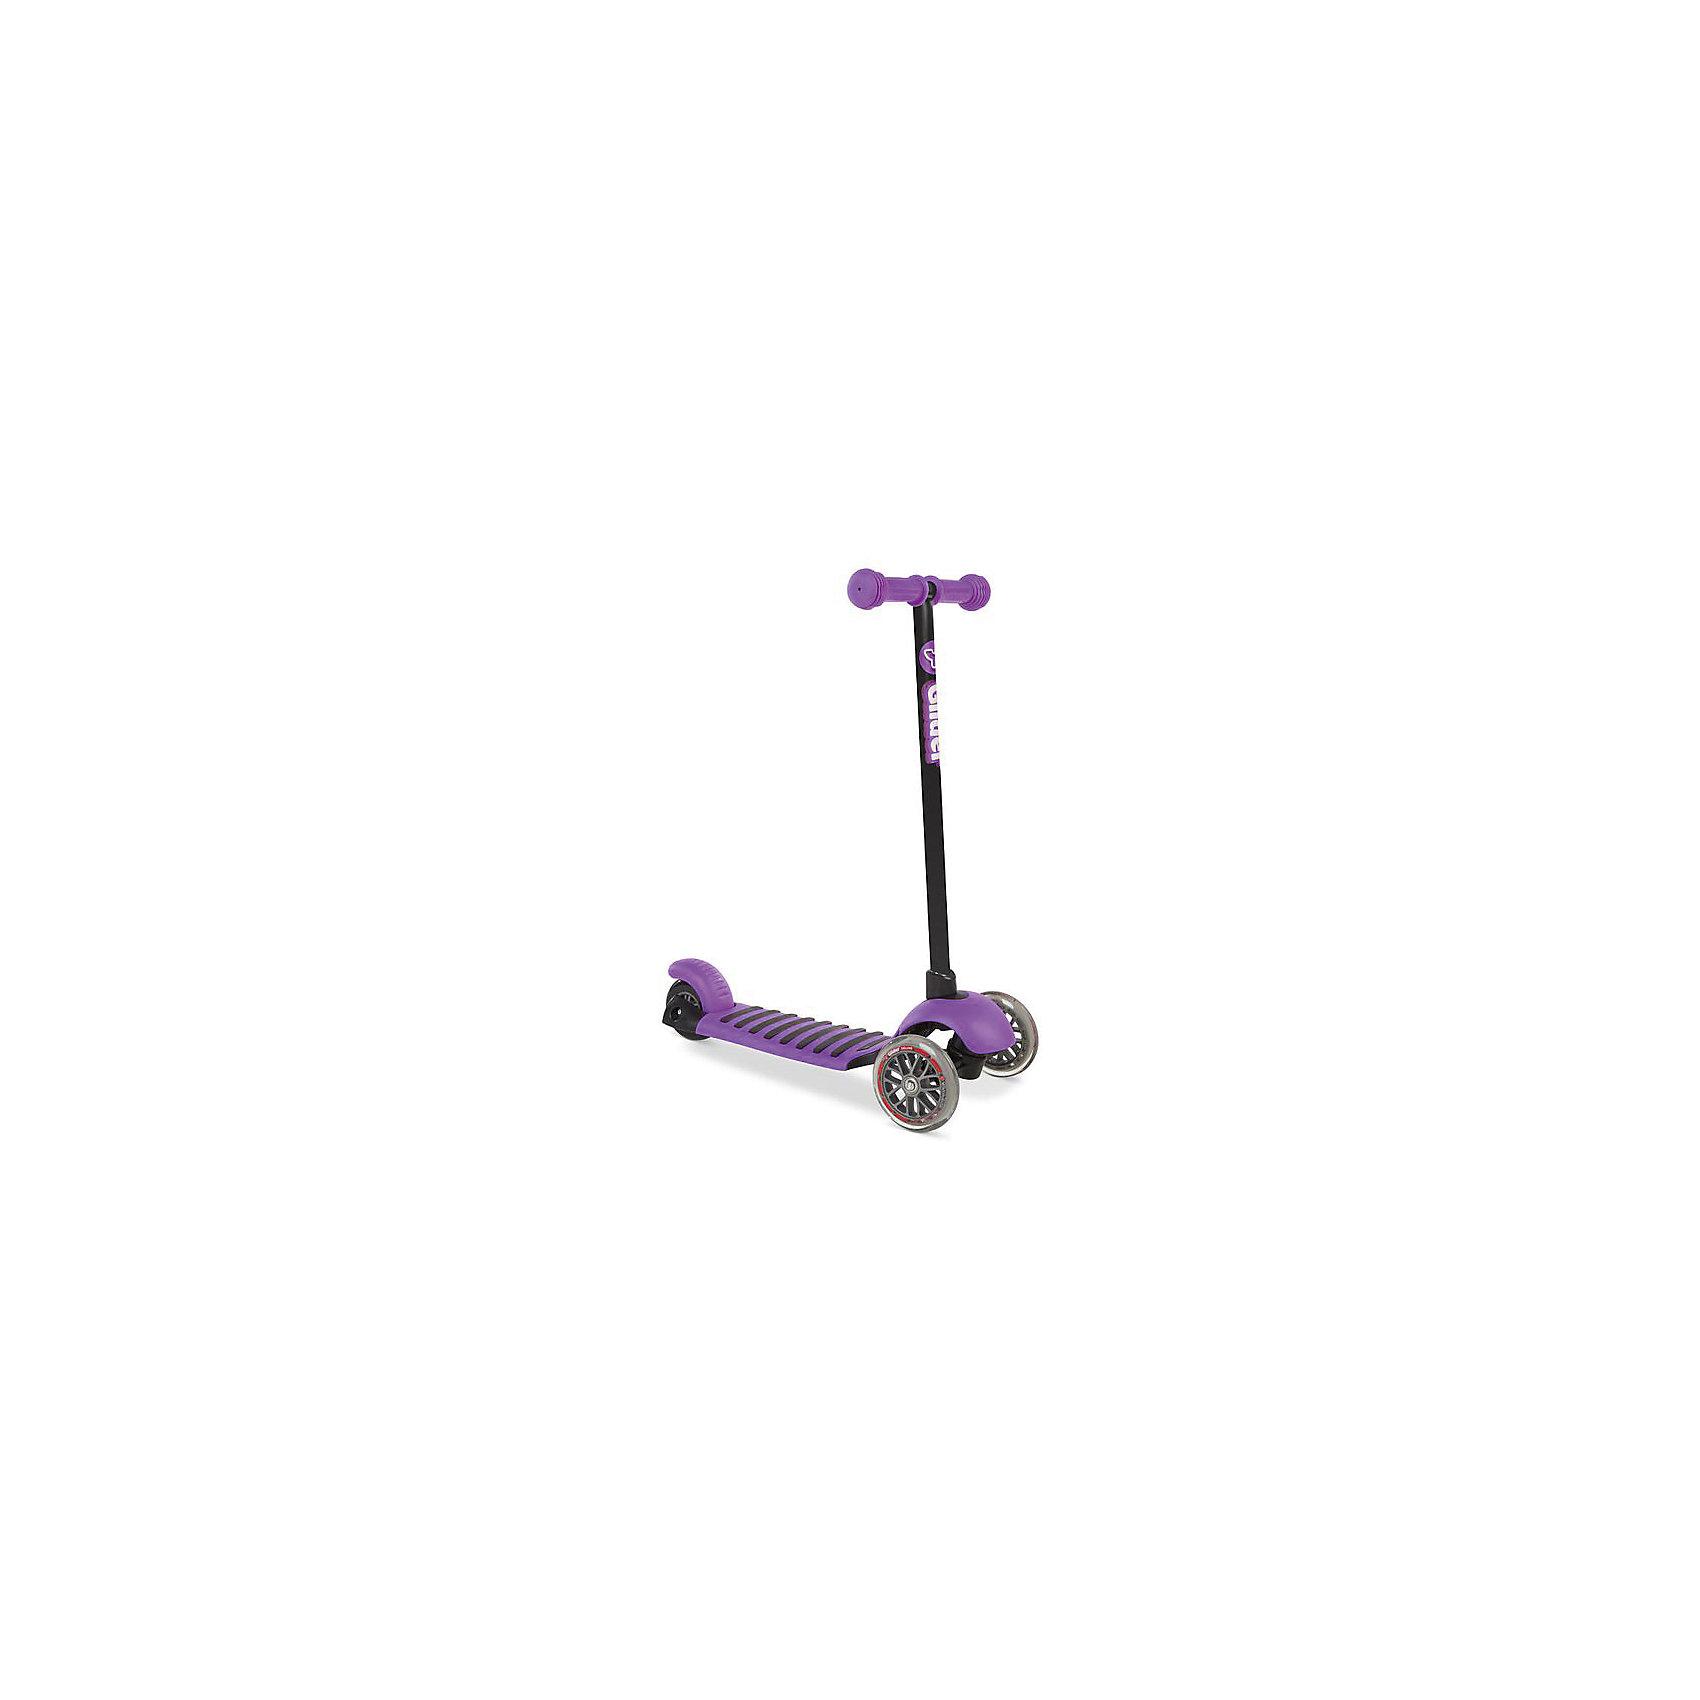 Трехколесный самокат Y-volution Glider Deluxe, фиолетовыйСамокаты<br>Характеристики товара:<br><br>• возраст: от 3 лет;<br>• максимальная нагрузка: 20 кг;<br>• материал: металл, пластик;<br>• материал колес: полиуретан;<br>• высота рулевой стойки: 65,6 см;<br>• ножной тормоз;<br>• вес самоката: 2,2 кг;<br>• размер упаковки: 60х41х65 см;<br>• вес упаковки: 2,2 кг;<br>• страна производитель: Китай.<br><br>Трехколесный самокат Glider Deluxe Yvolution фиолетовый разнообразит летнюю прогулку на свежем воздухе. Катание на самокате учит ребенка координировать движения, держать равновесие. Самокат оснащен удобным и простым в управлении рулевым механизмом, понятным даже начинающим райдерам. Для поворота рулевая стойка наклоняется в нужную сторону, что позволяет легко держать равновесие даже при повороте.<br><br>Колеса изготовлены из долговечного износостойкого полиуретана, который обеспечивает плавную и ровную езду. 2 передних колеса придают самокату хорошей устойчивости. <br><br>Ручки руля покрыты прорезиненными грипсами, предотвращающими соскальзывание ладоней во время катания. Дека из прочного пластика имеет рифленую поверхность для безопасной езды и хорошей устойчивости на ее поверхности. Ножной тормоз гарантирует быстрое торможение перед препятствием. <br><br>Трехколесный самокат Glider Deluxe Yvolution фиолетовый можно приобрести в нашем интернет-магазине.<br><br>Ширина мм: 600<br>Глубина мм: 410<br>Высота мм: 650<br>Вес г: 2200<br>Возраст от месяцев: 36<br>Возраст до месяцев: 2147483647<br>Пол: Женский<br>Возраст: Детский<br>SKU: 6679952